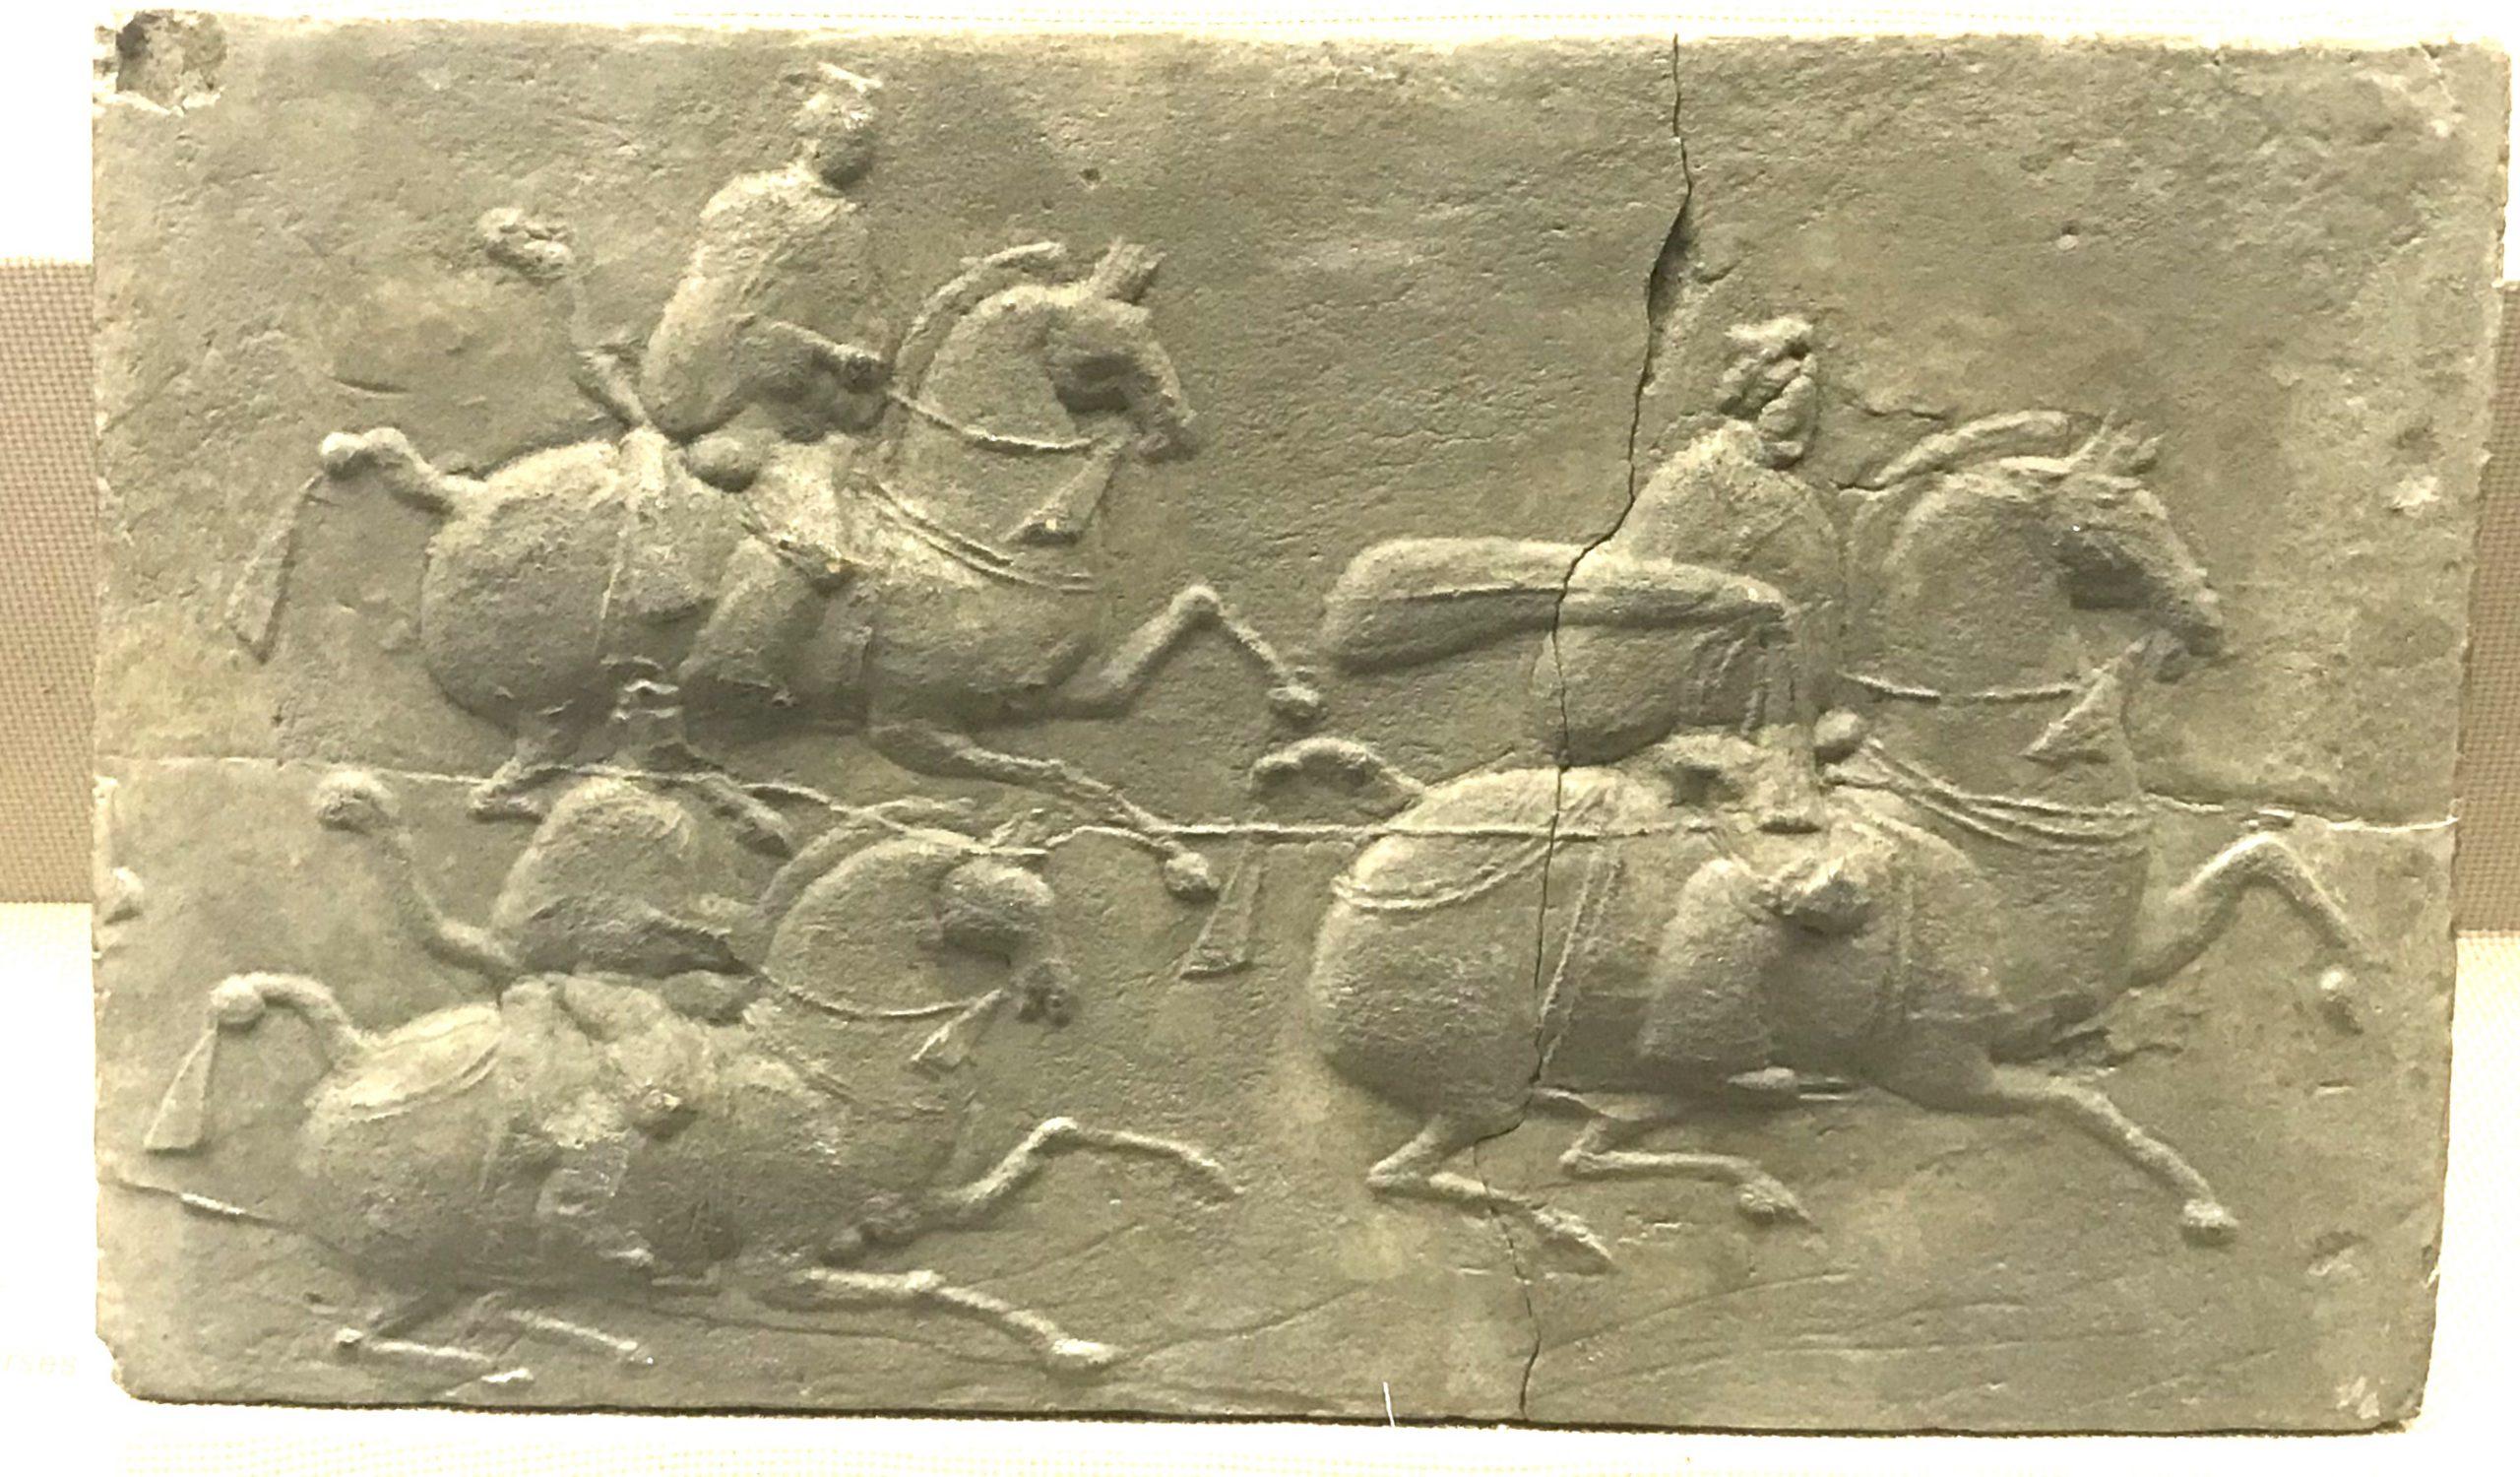 三騎吏画像レンガ-東漢-  彭州市太平出土-四川漢代陶石芸術館-四川博物院-成都